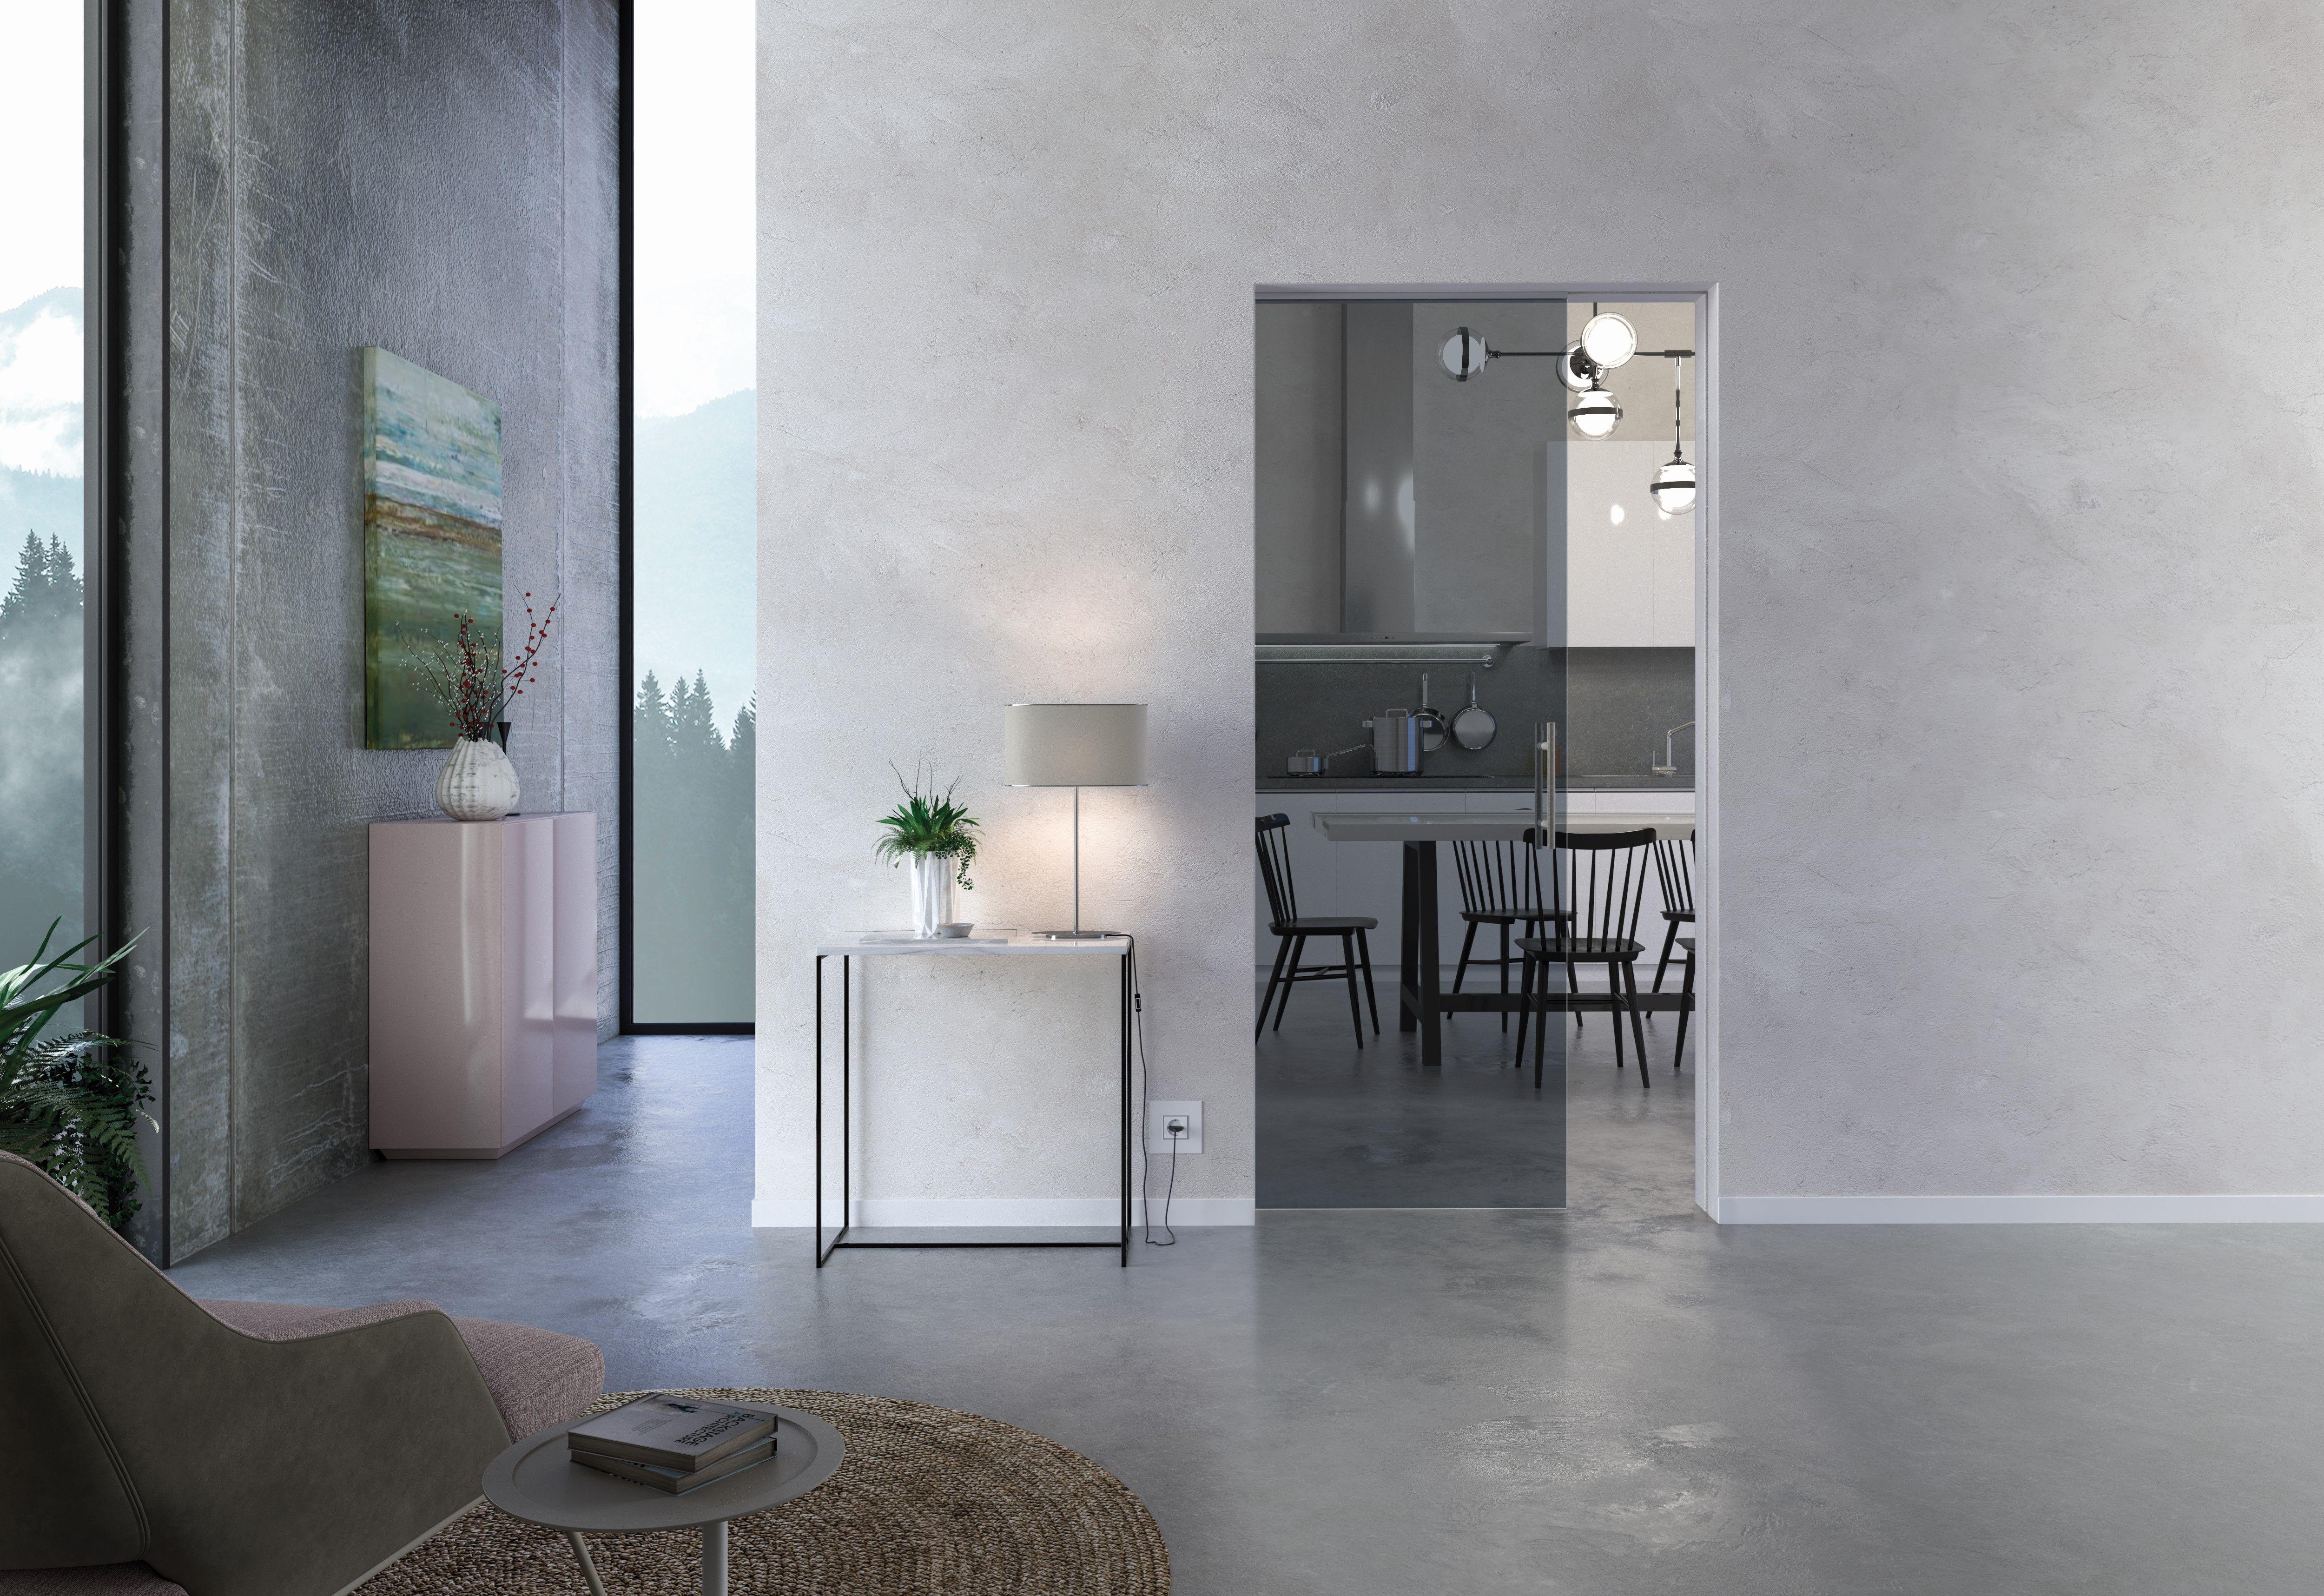 Glass Eclisse Pocket Door Sliding Door Save Space & Add